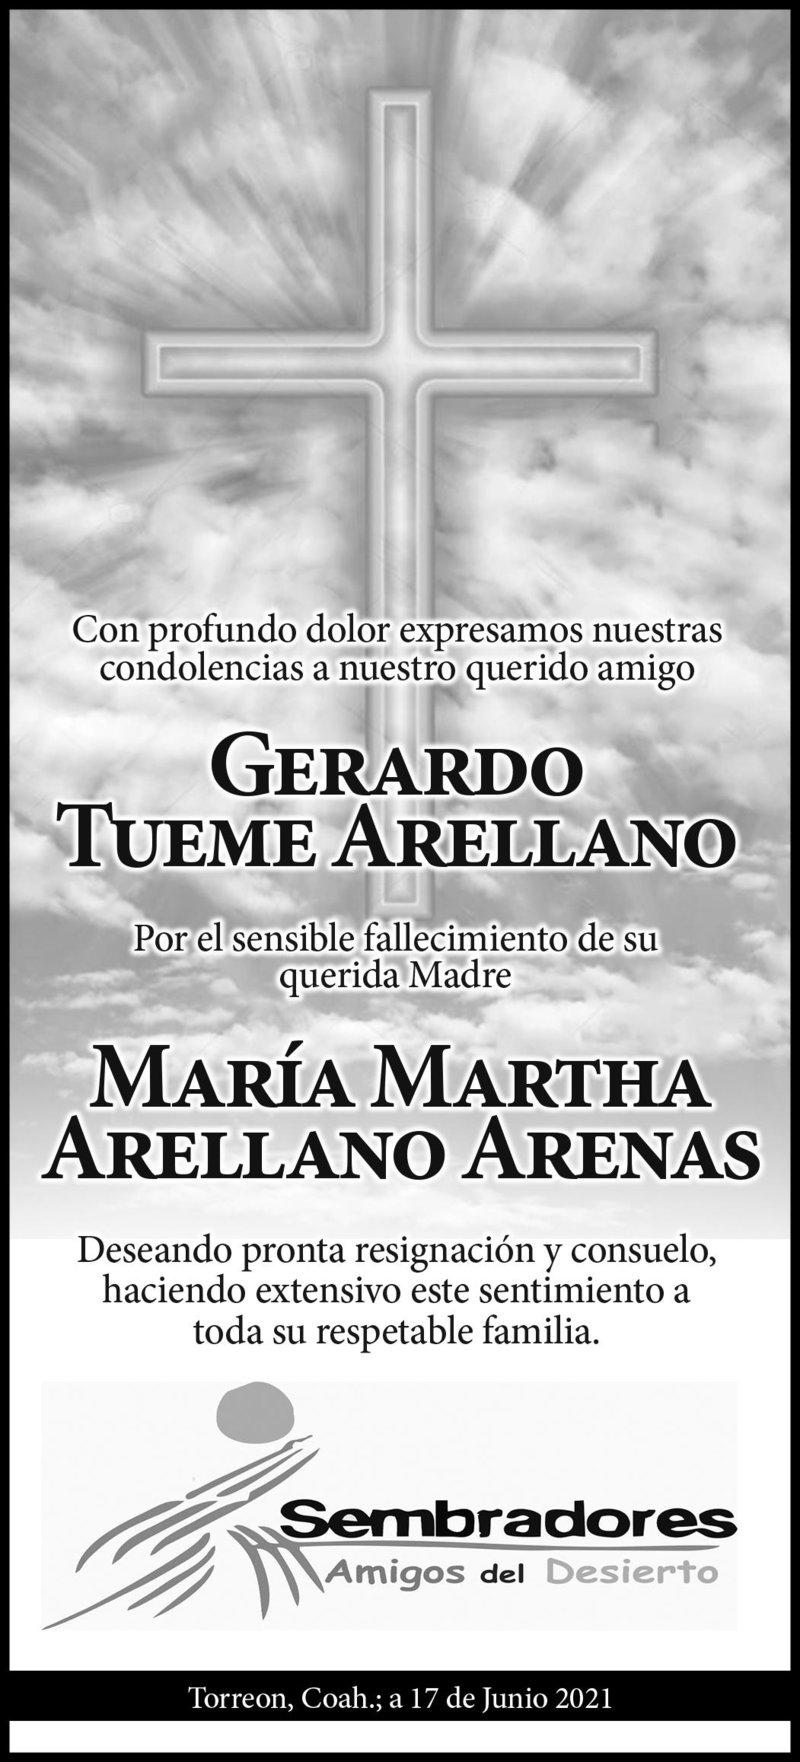 CONDOLENCIA: MARÍA MARTHA ARELLANO ARENAS. Sembradores Amigos del Desierto, lamentan la pérdida de María Martha Arellano, madre de su querido amigo Gerardo Tueme Arellano. Descanse en paz.